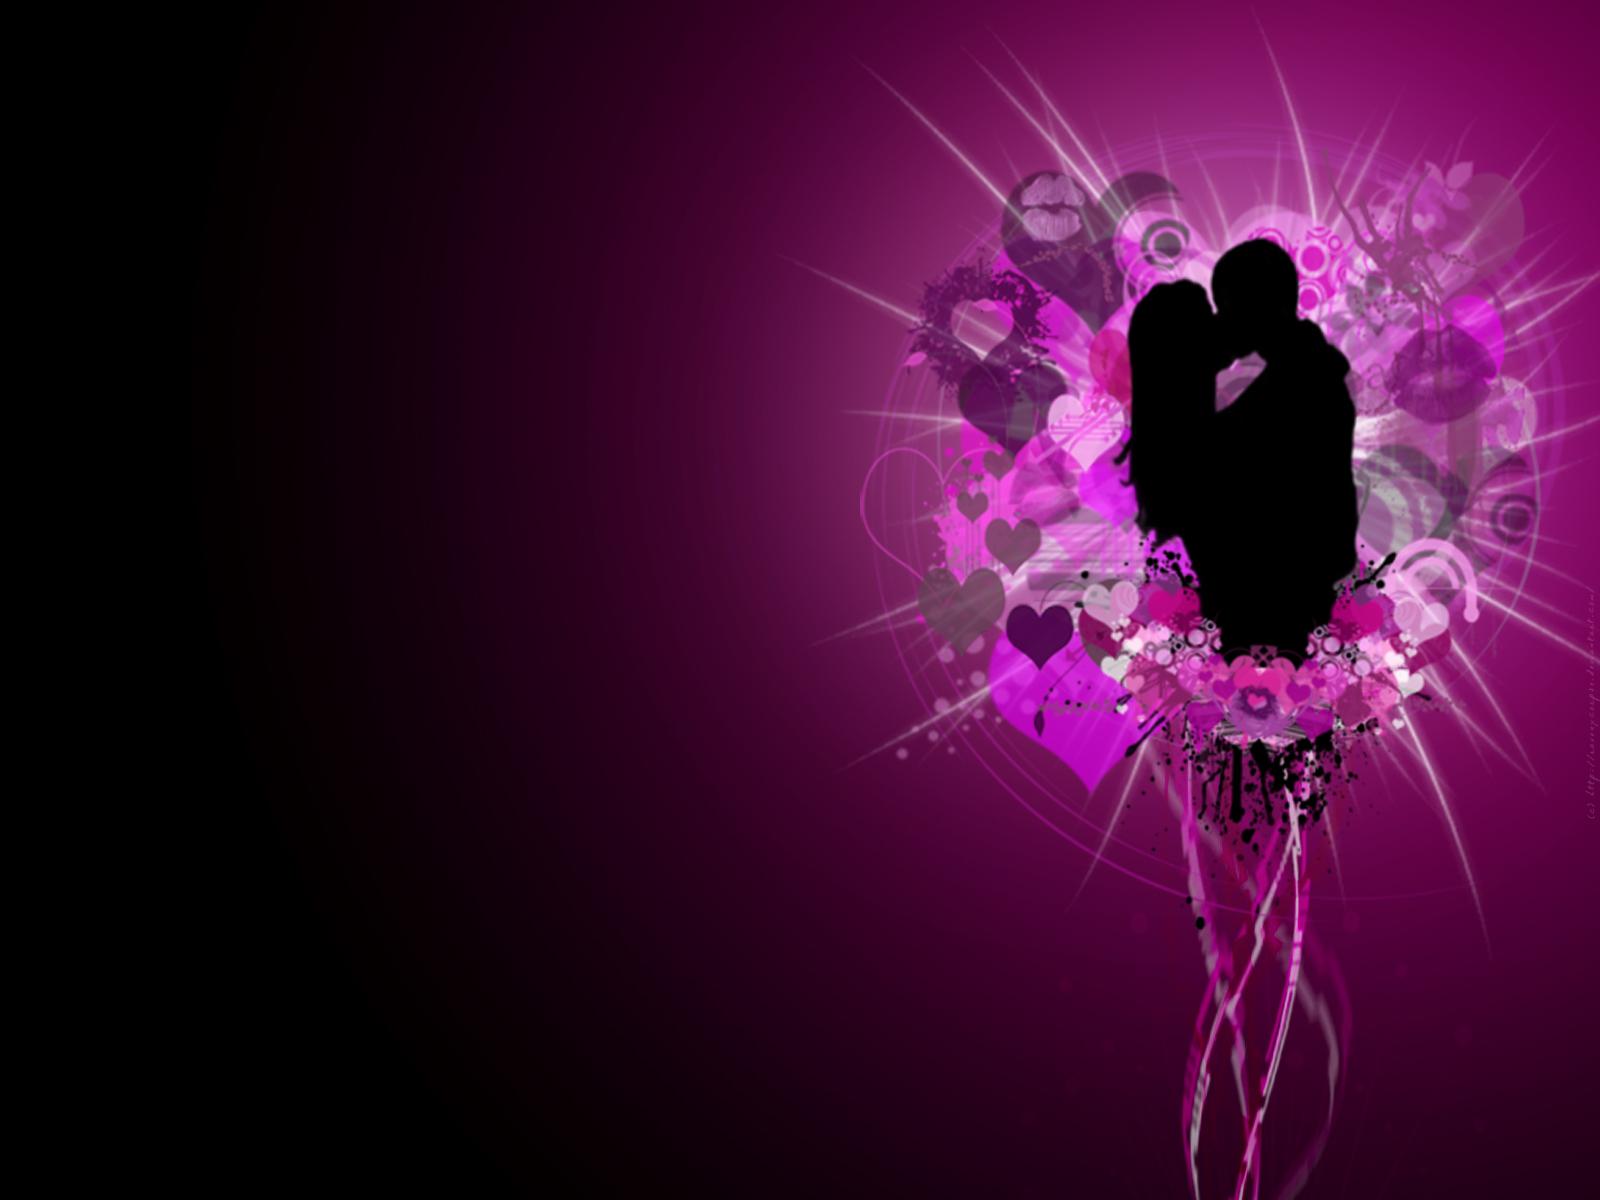 влюбленные, обои для рабочего стола, скачать, любовь